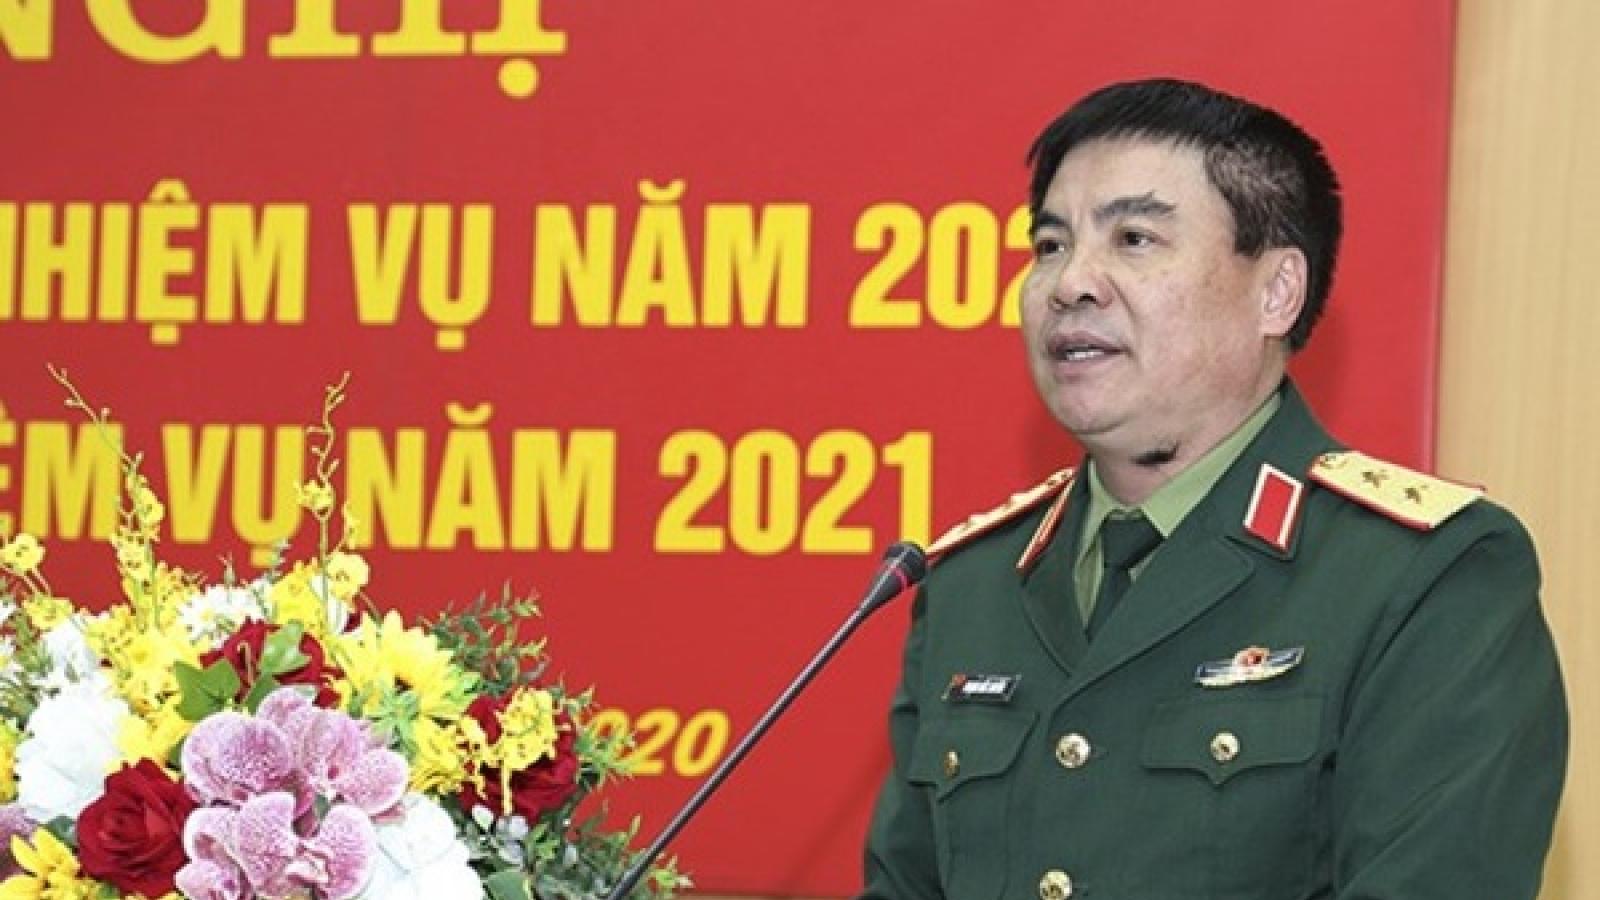 Trung tướng Phạm Đức Duyên làm Chính ủy Quân khu 2, Bộ Quốc phòng